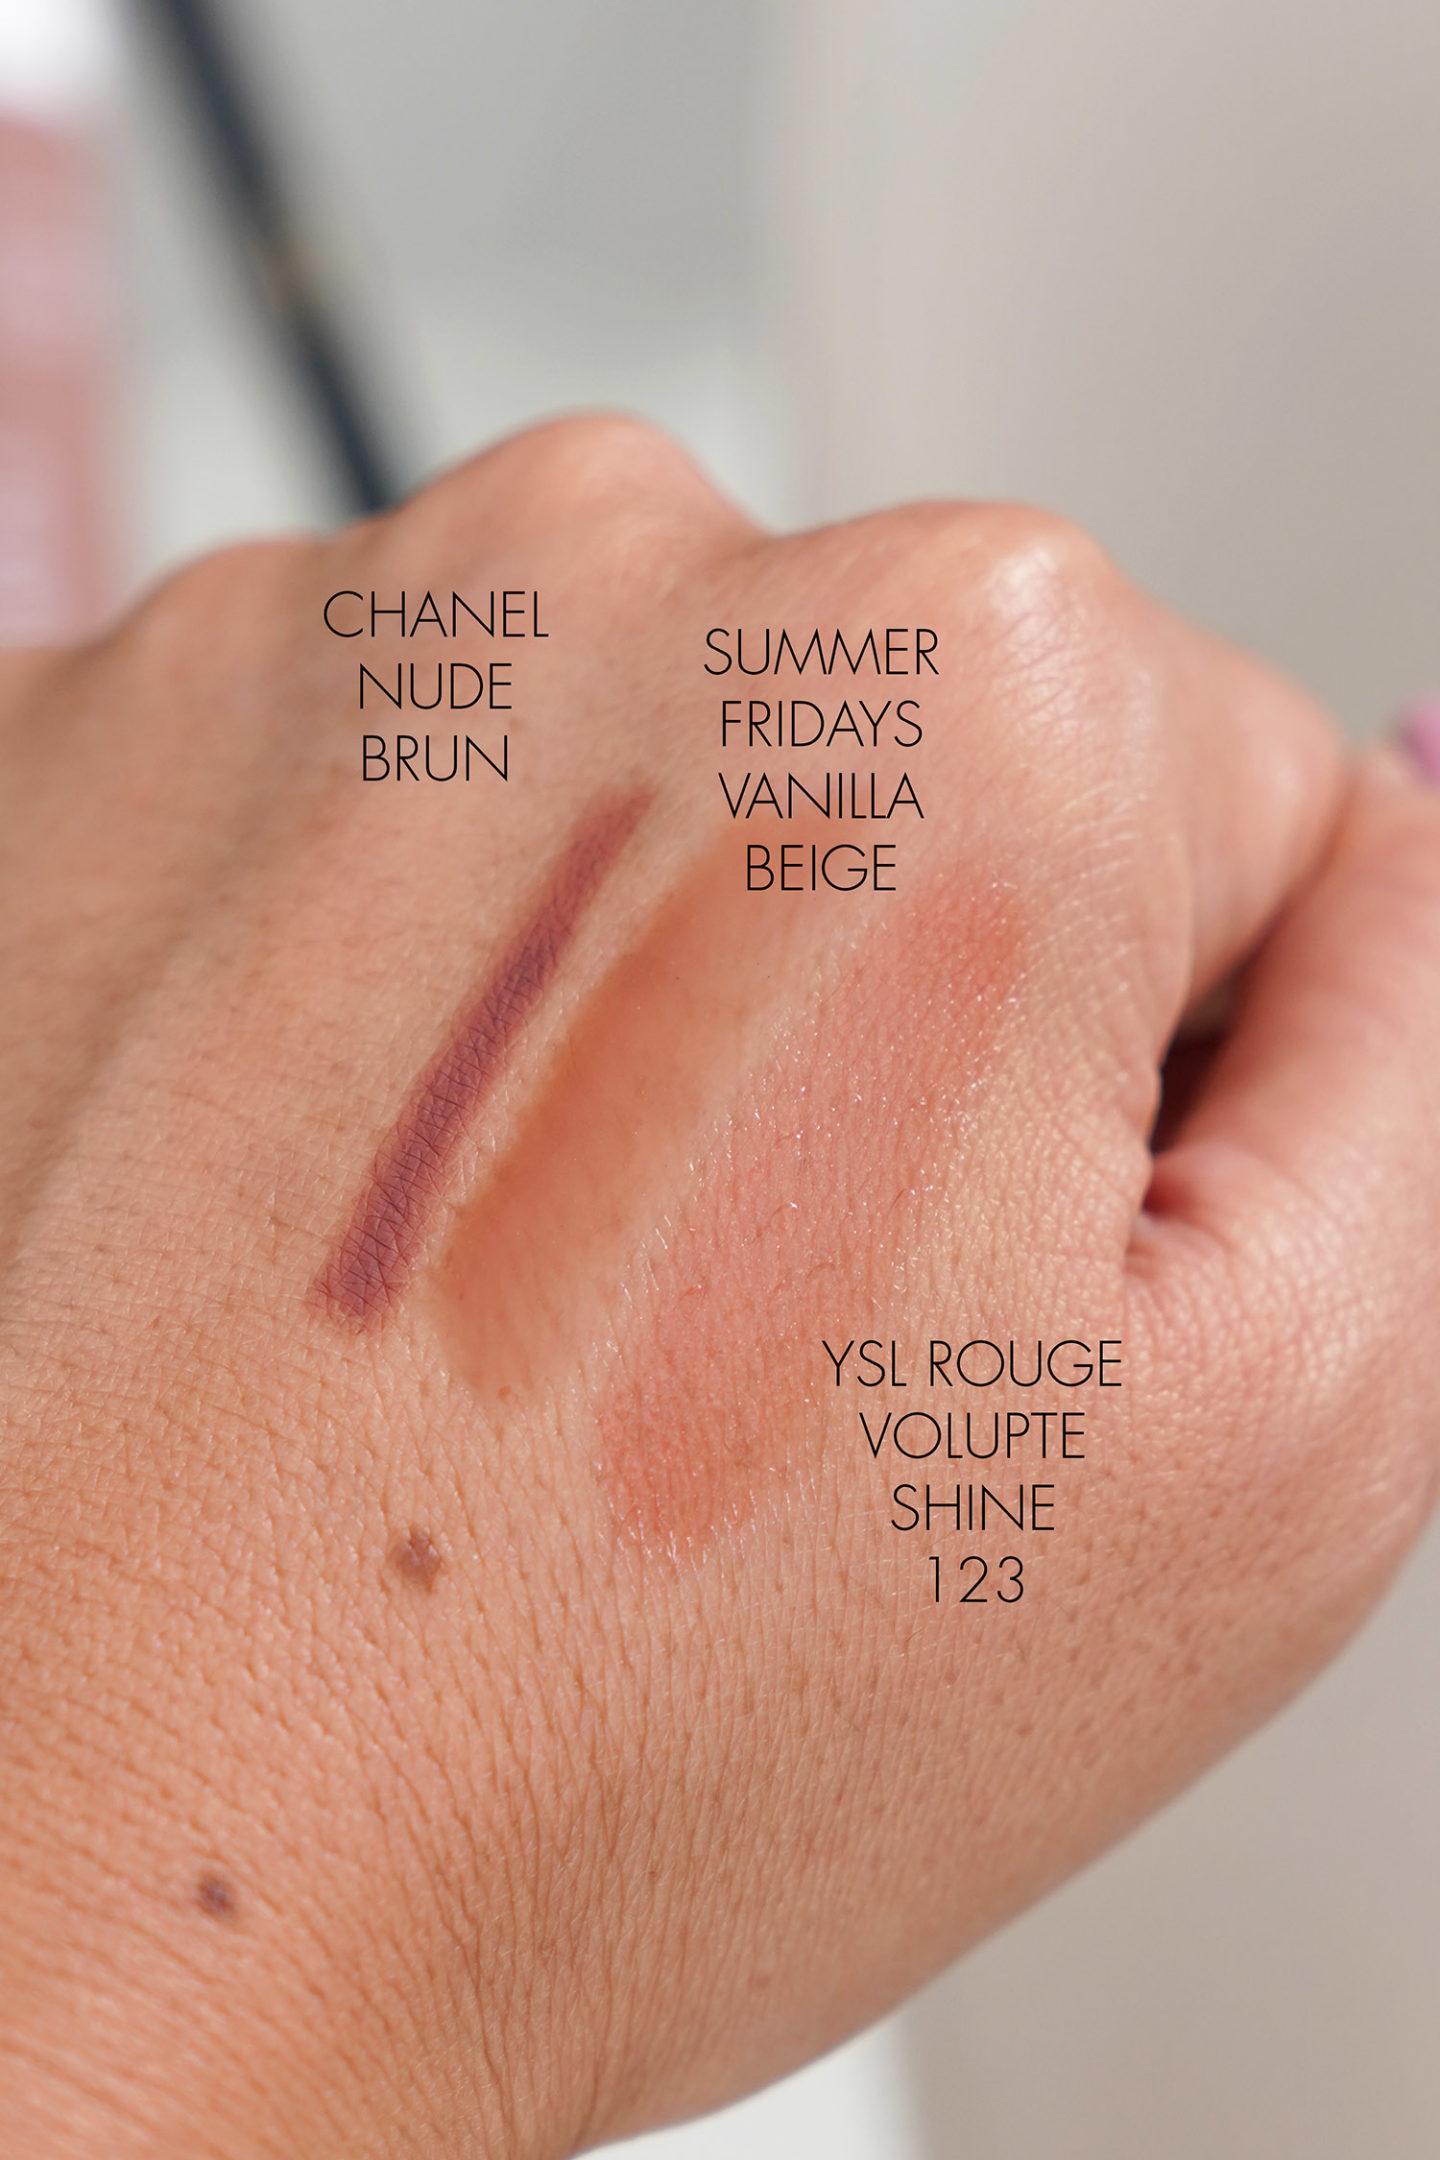 Crayon à lèvres Chanel en Brun Nude, Baume à lèvres Summer Fridays Vanilla Beige, YSL Rouge Volupte Shine 123 échantillons